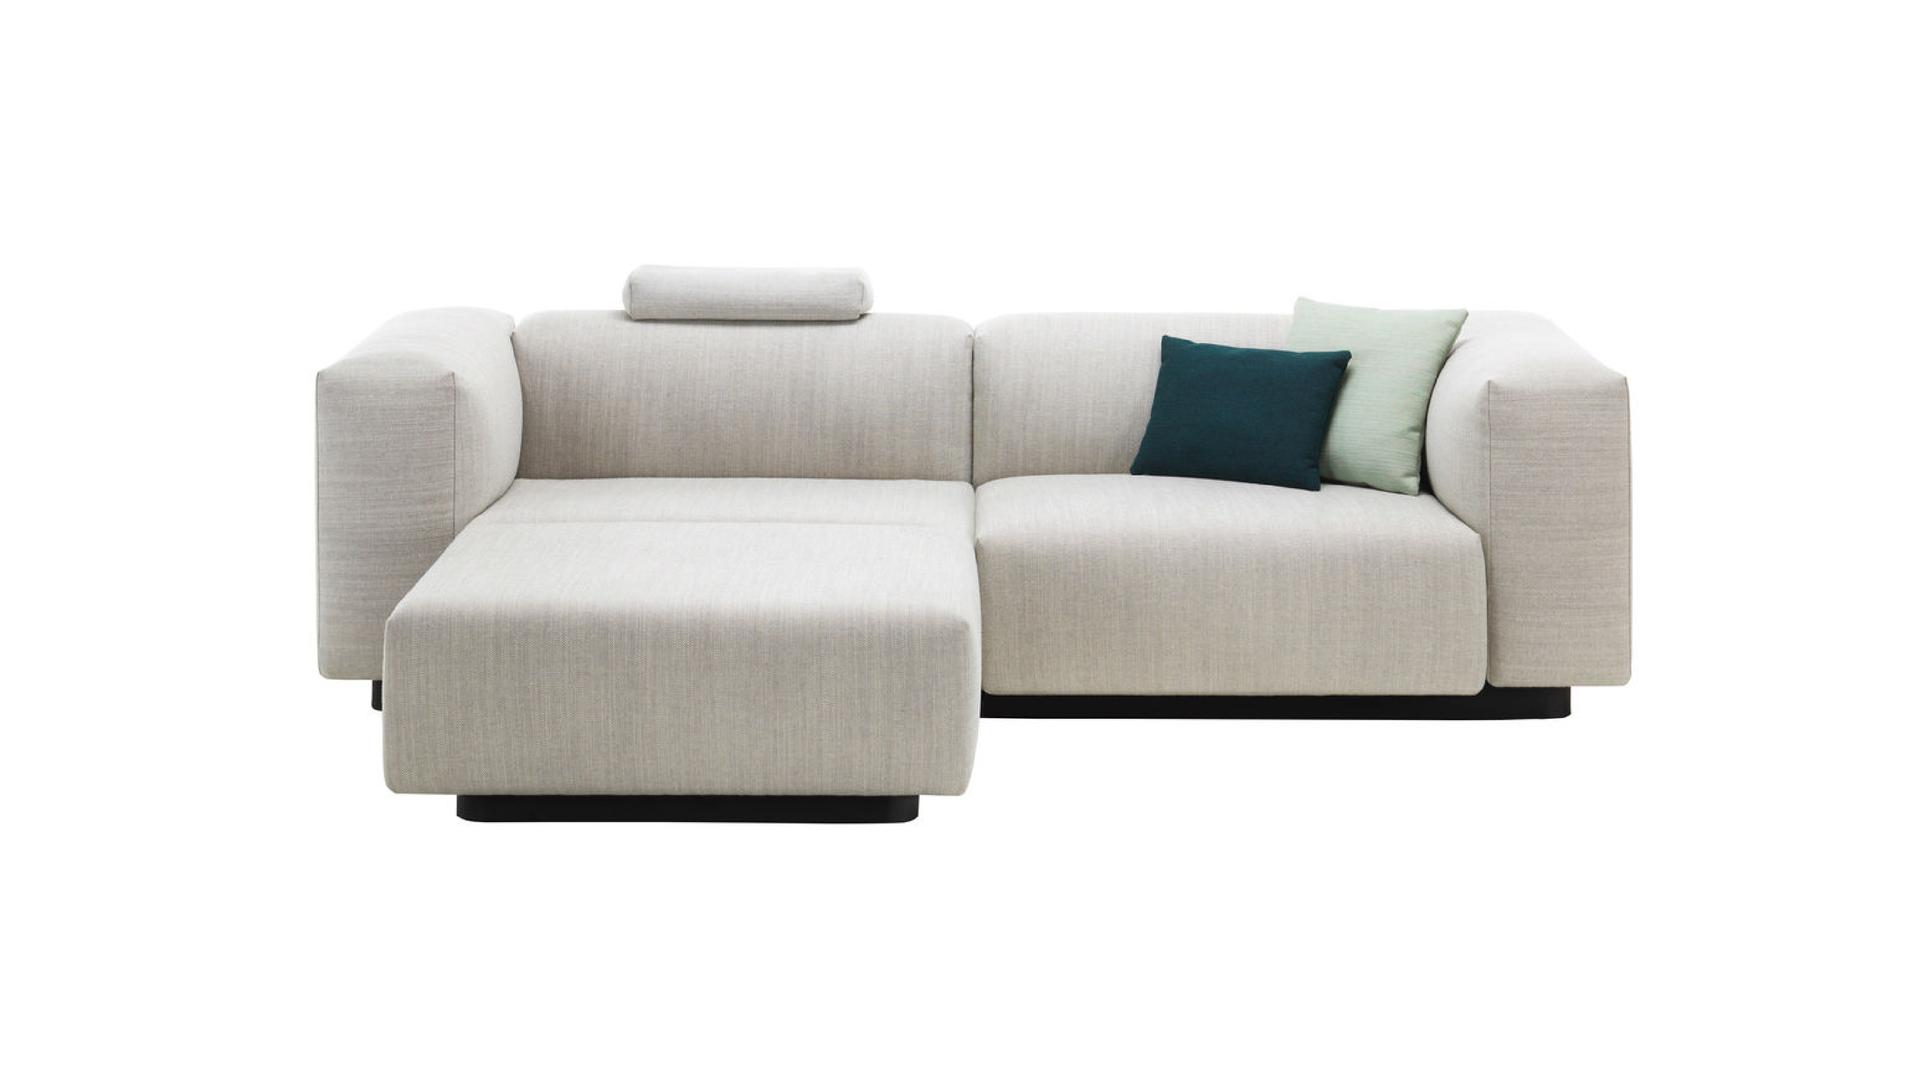 Large soft modular sofa 5.png